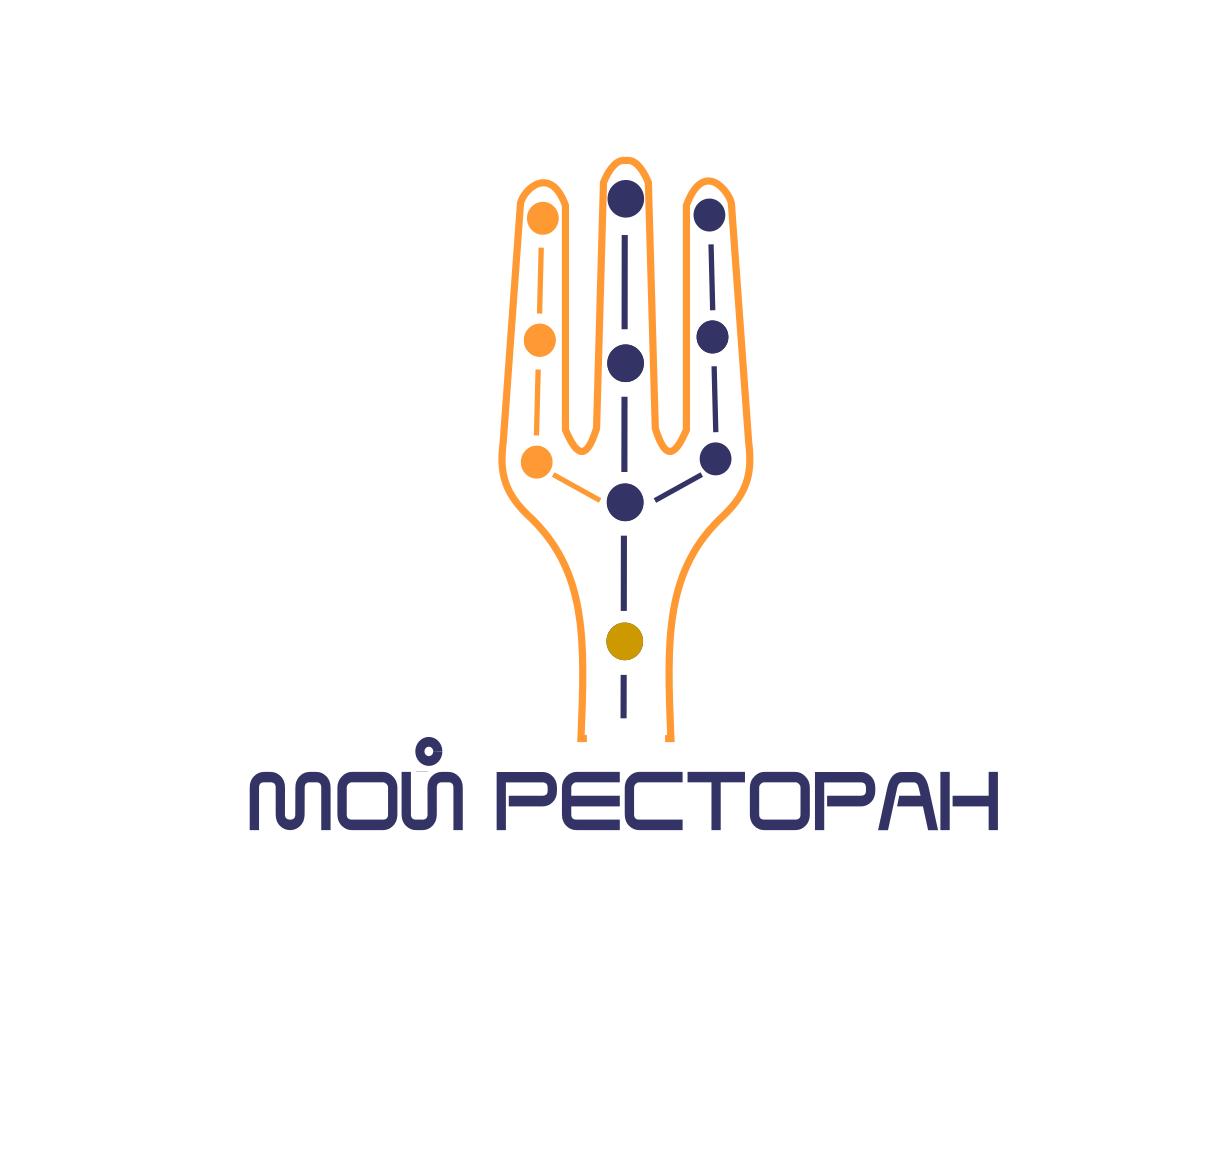 Разработать логотип и фавикон для IT- компании фото f_6045d52f7310b3f5.png